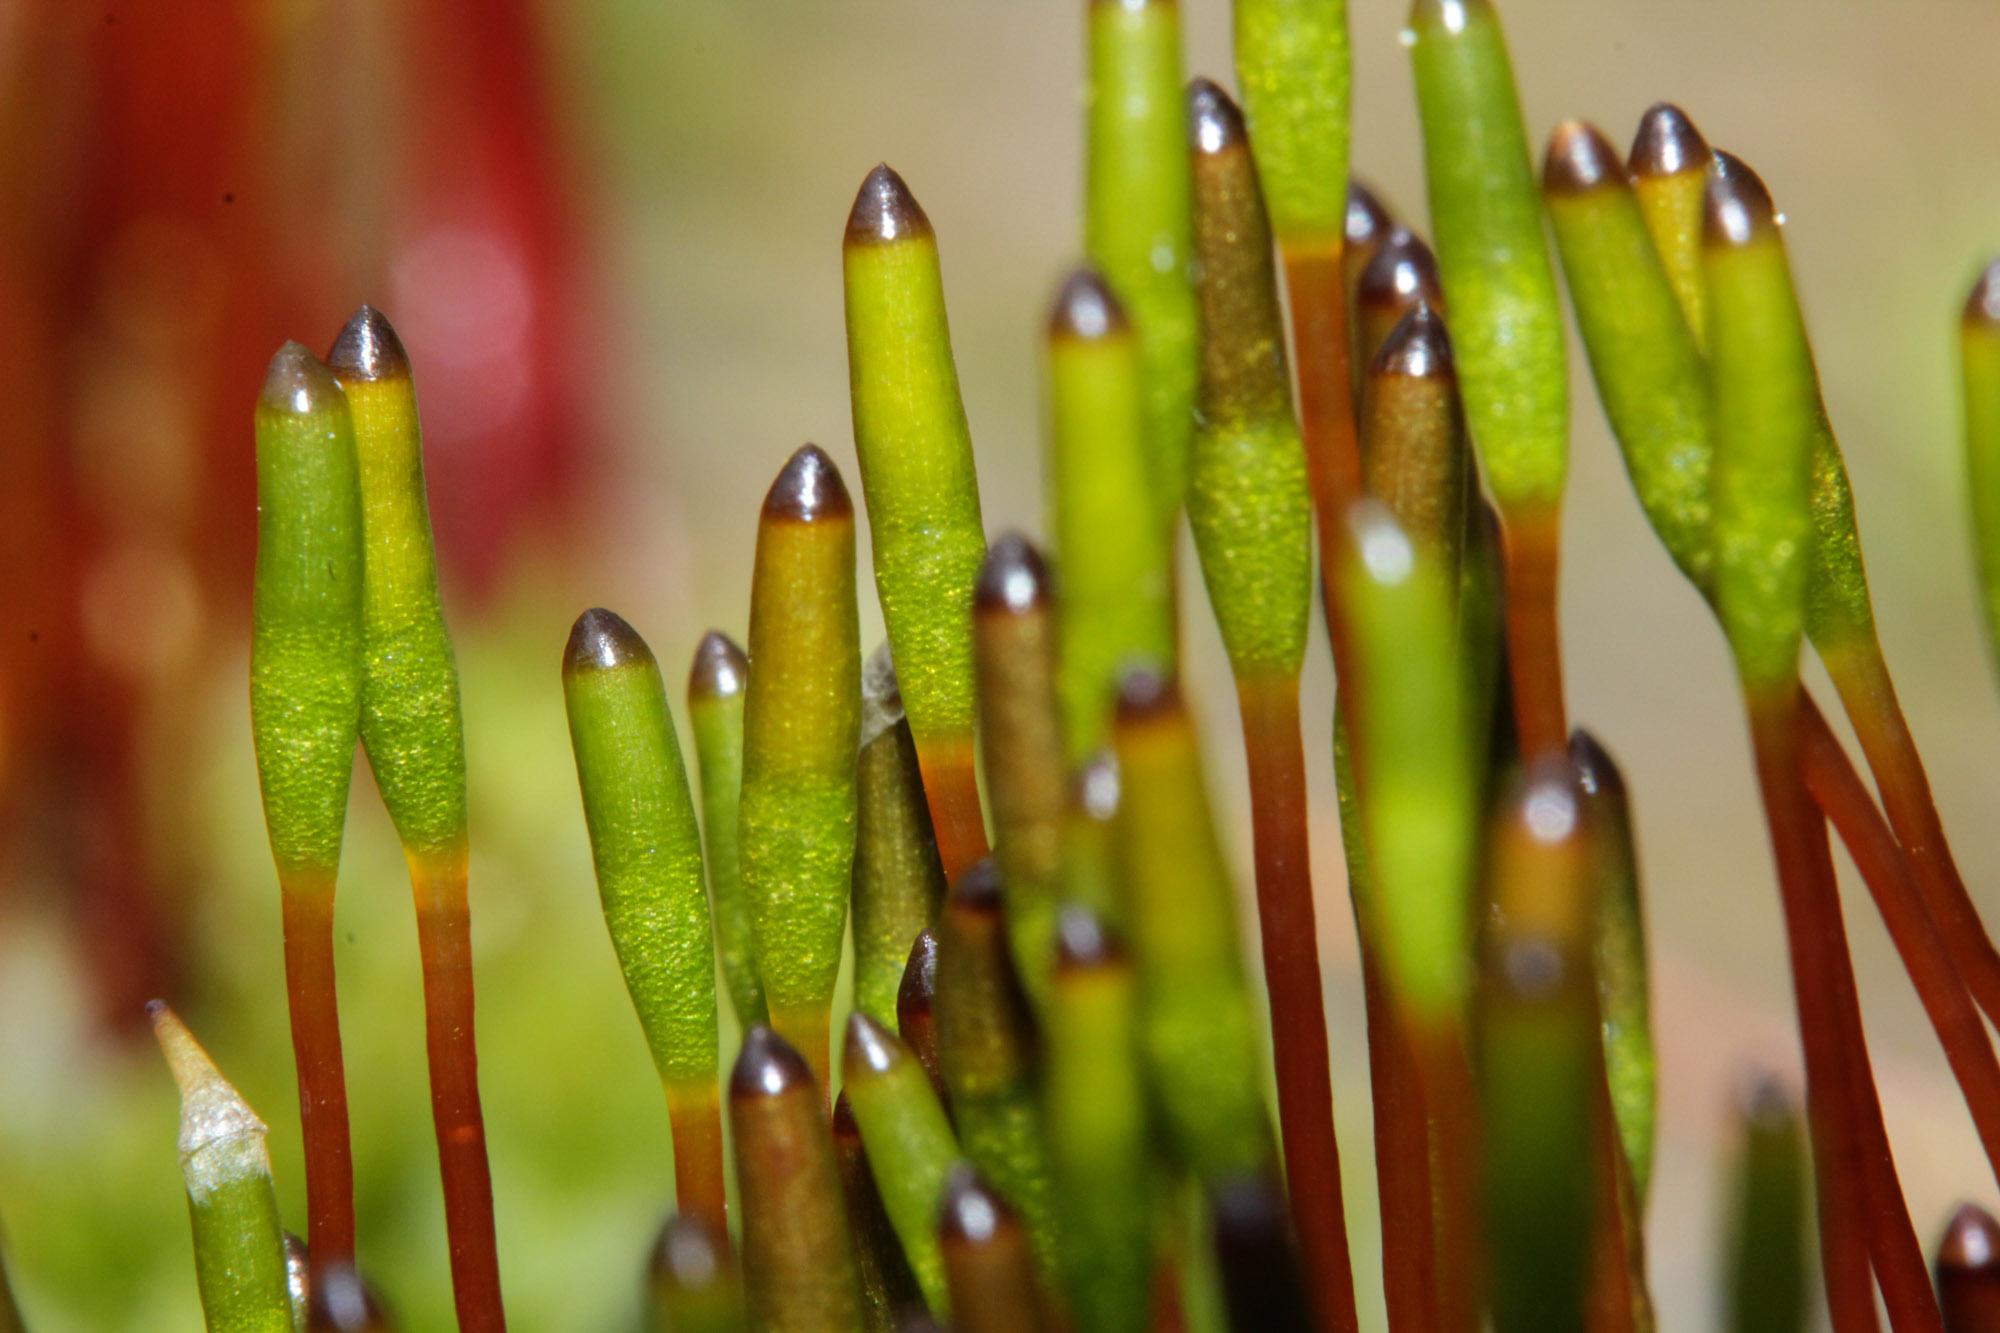 Längliche Sporenkapseln von Moos